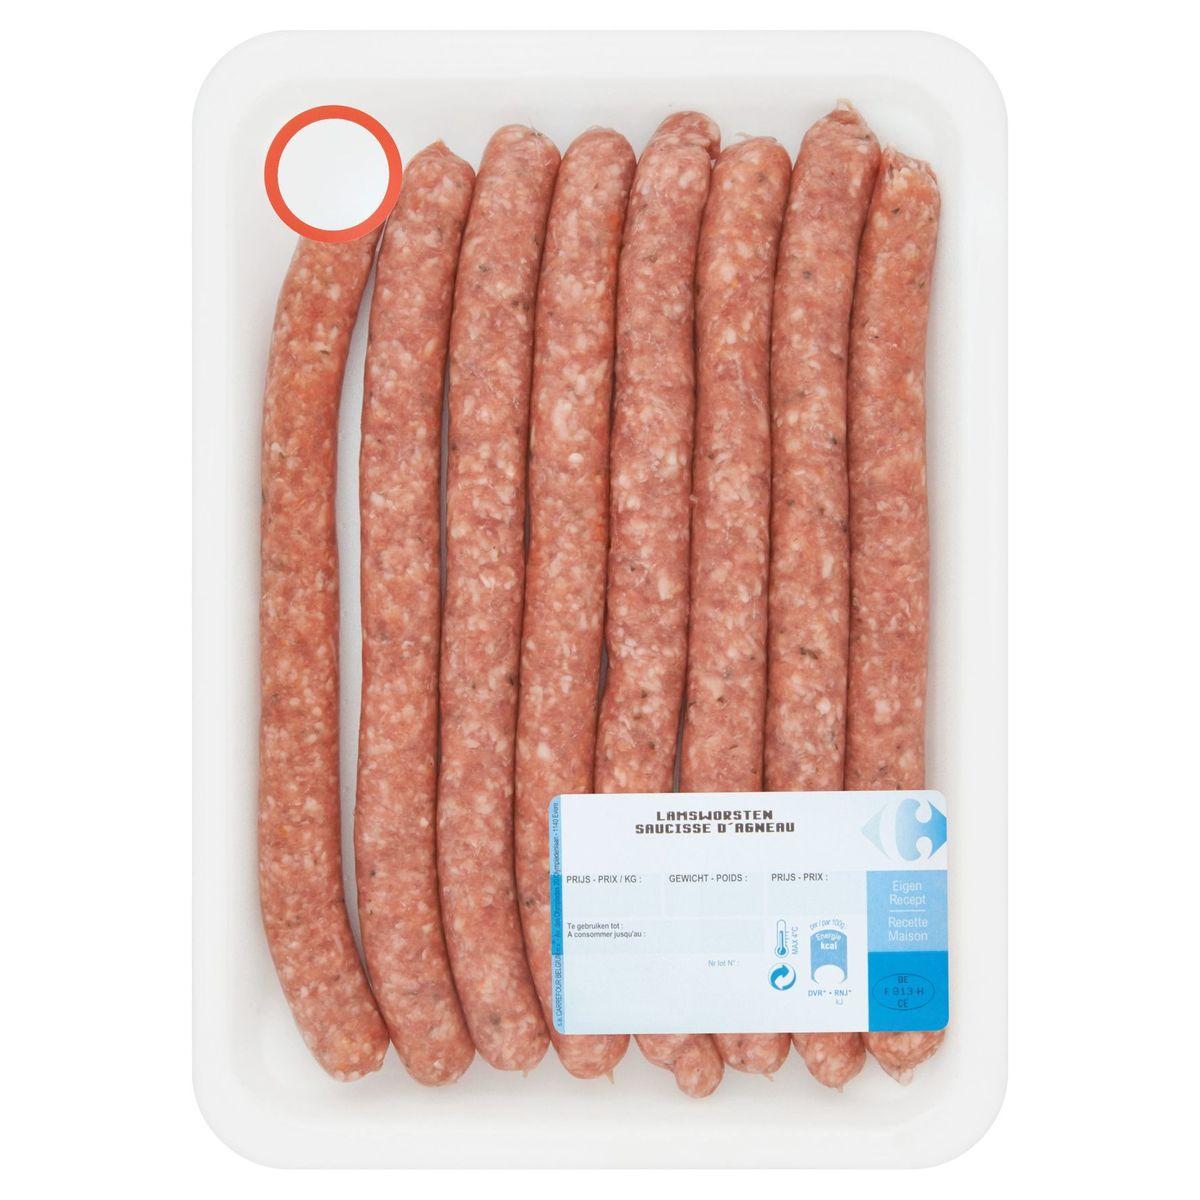 Carrefour Saucisse d'Agneau 0.400 kg